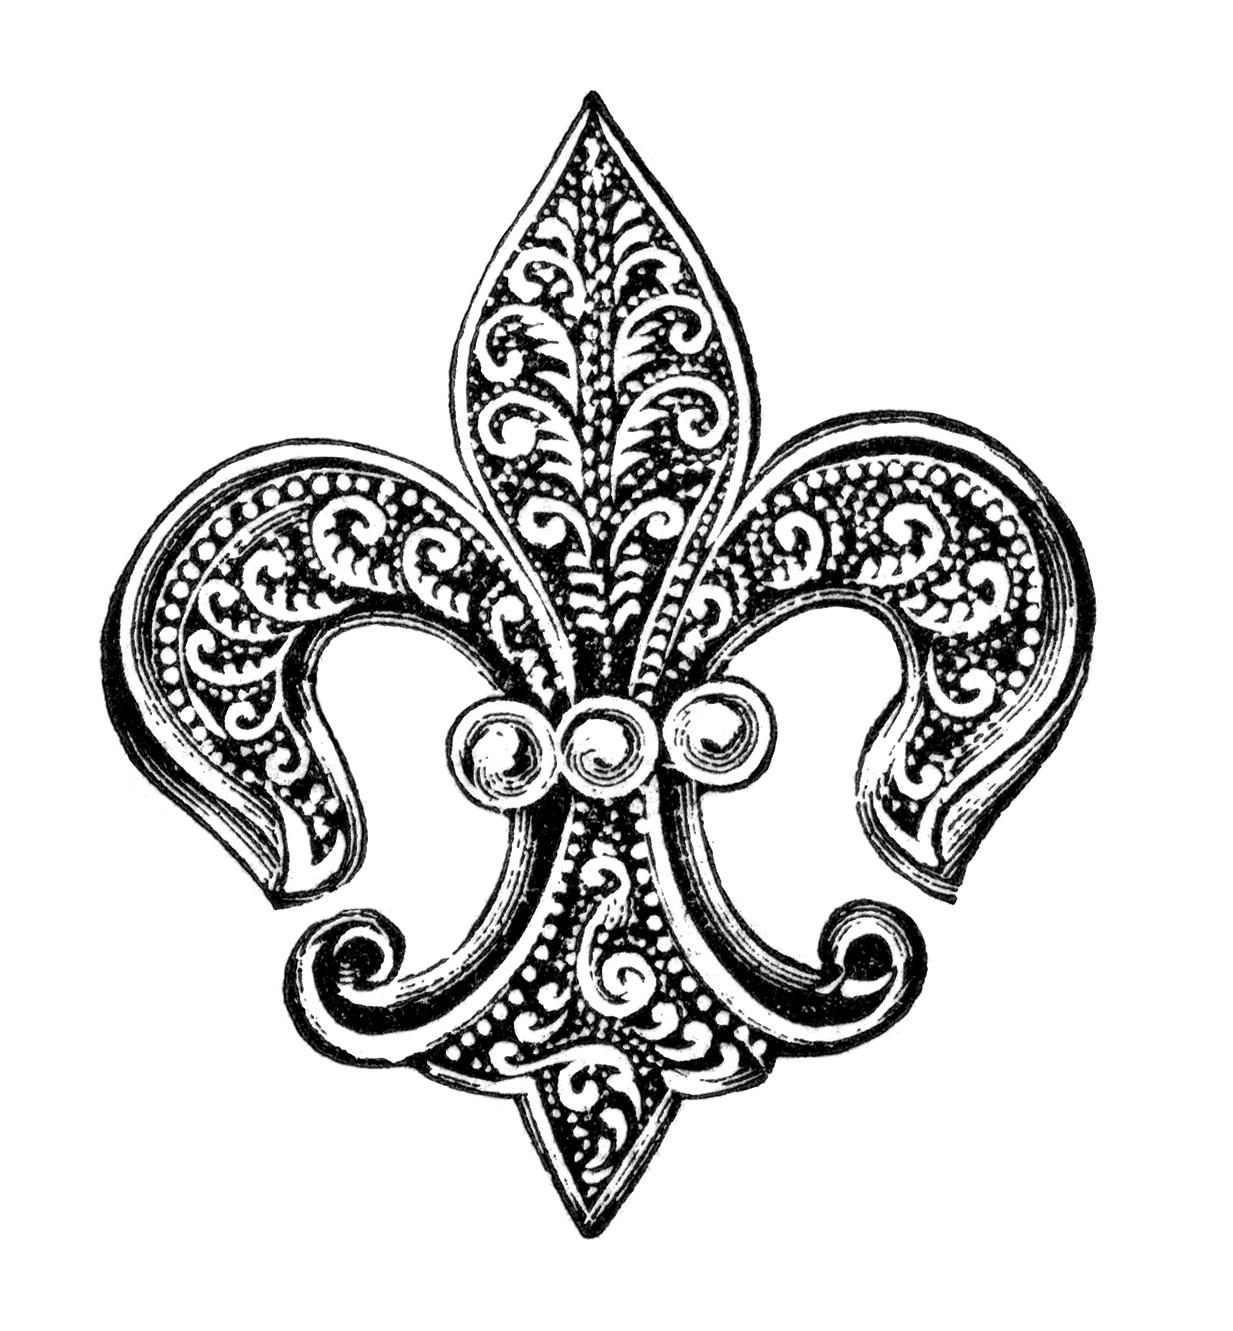 Free clipart of fleur de lis png royalty free library Free Fleur De Lis, Download Free Clip Art, Free Clip Art on Clipart ... png royalty free library